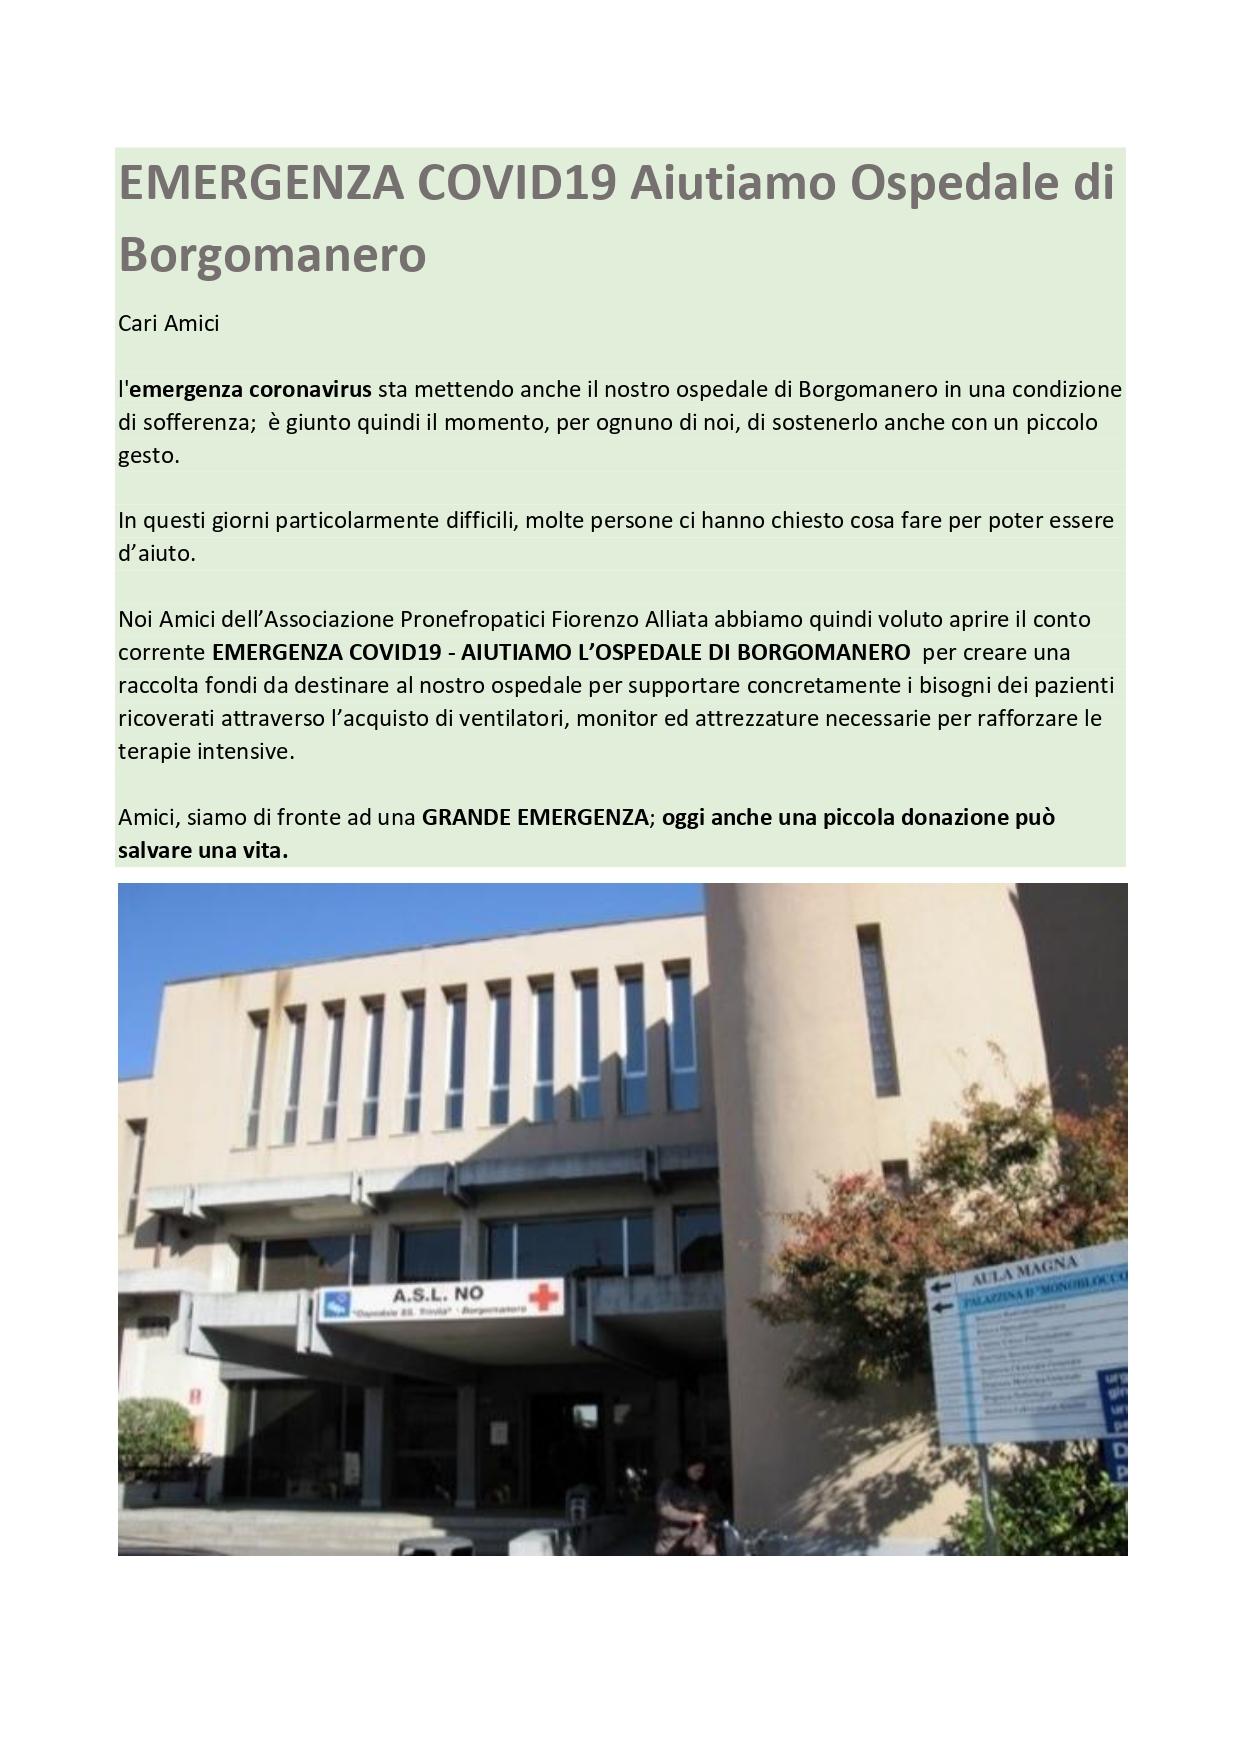 EMERGENZA COVID19 Aiutiamo Ospedale di Borgomanero. clicca sull'immagine per donare anche tu!!